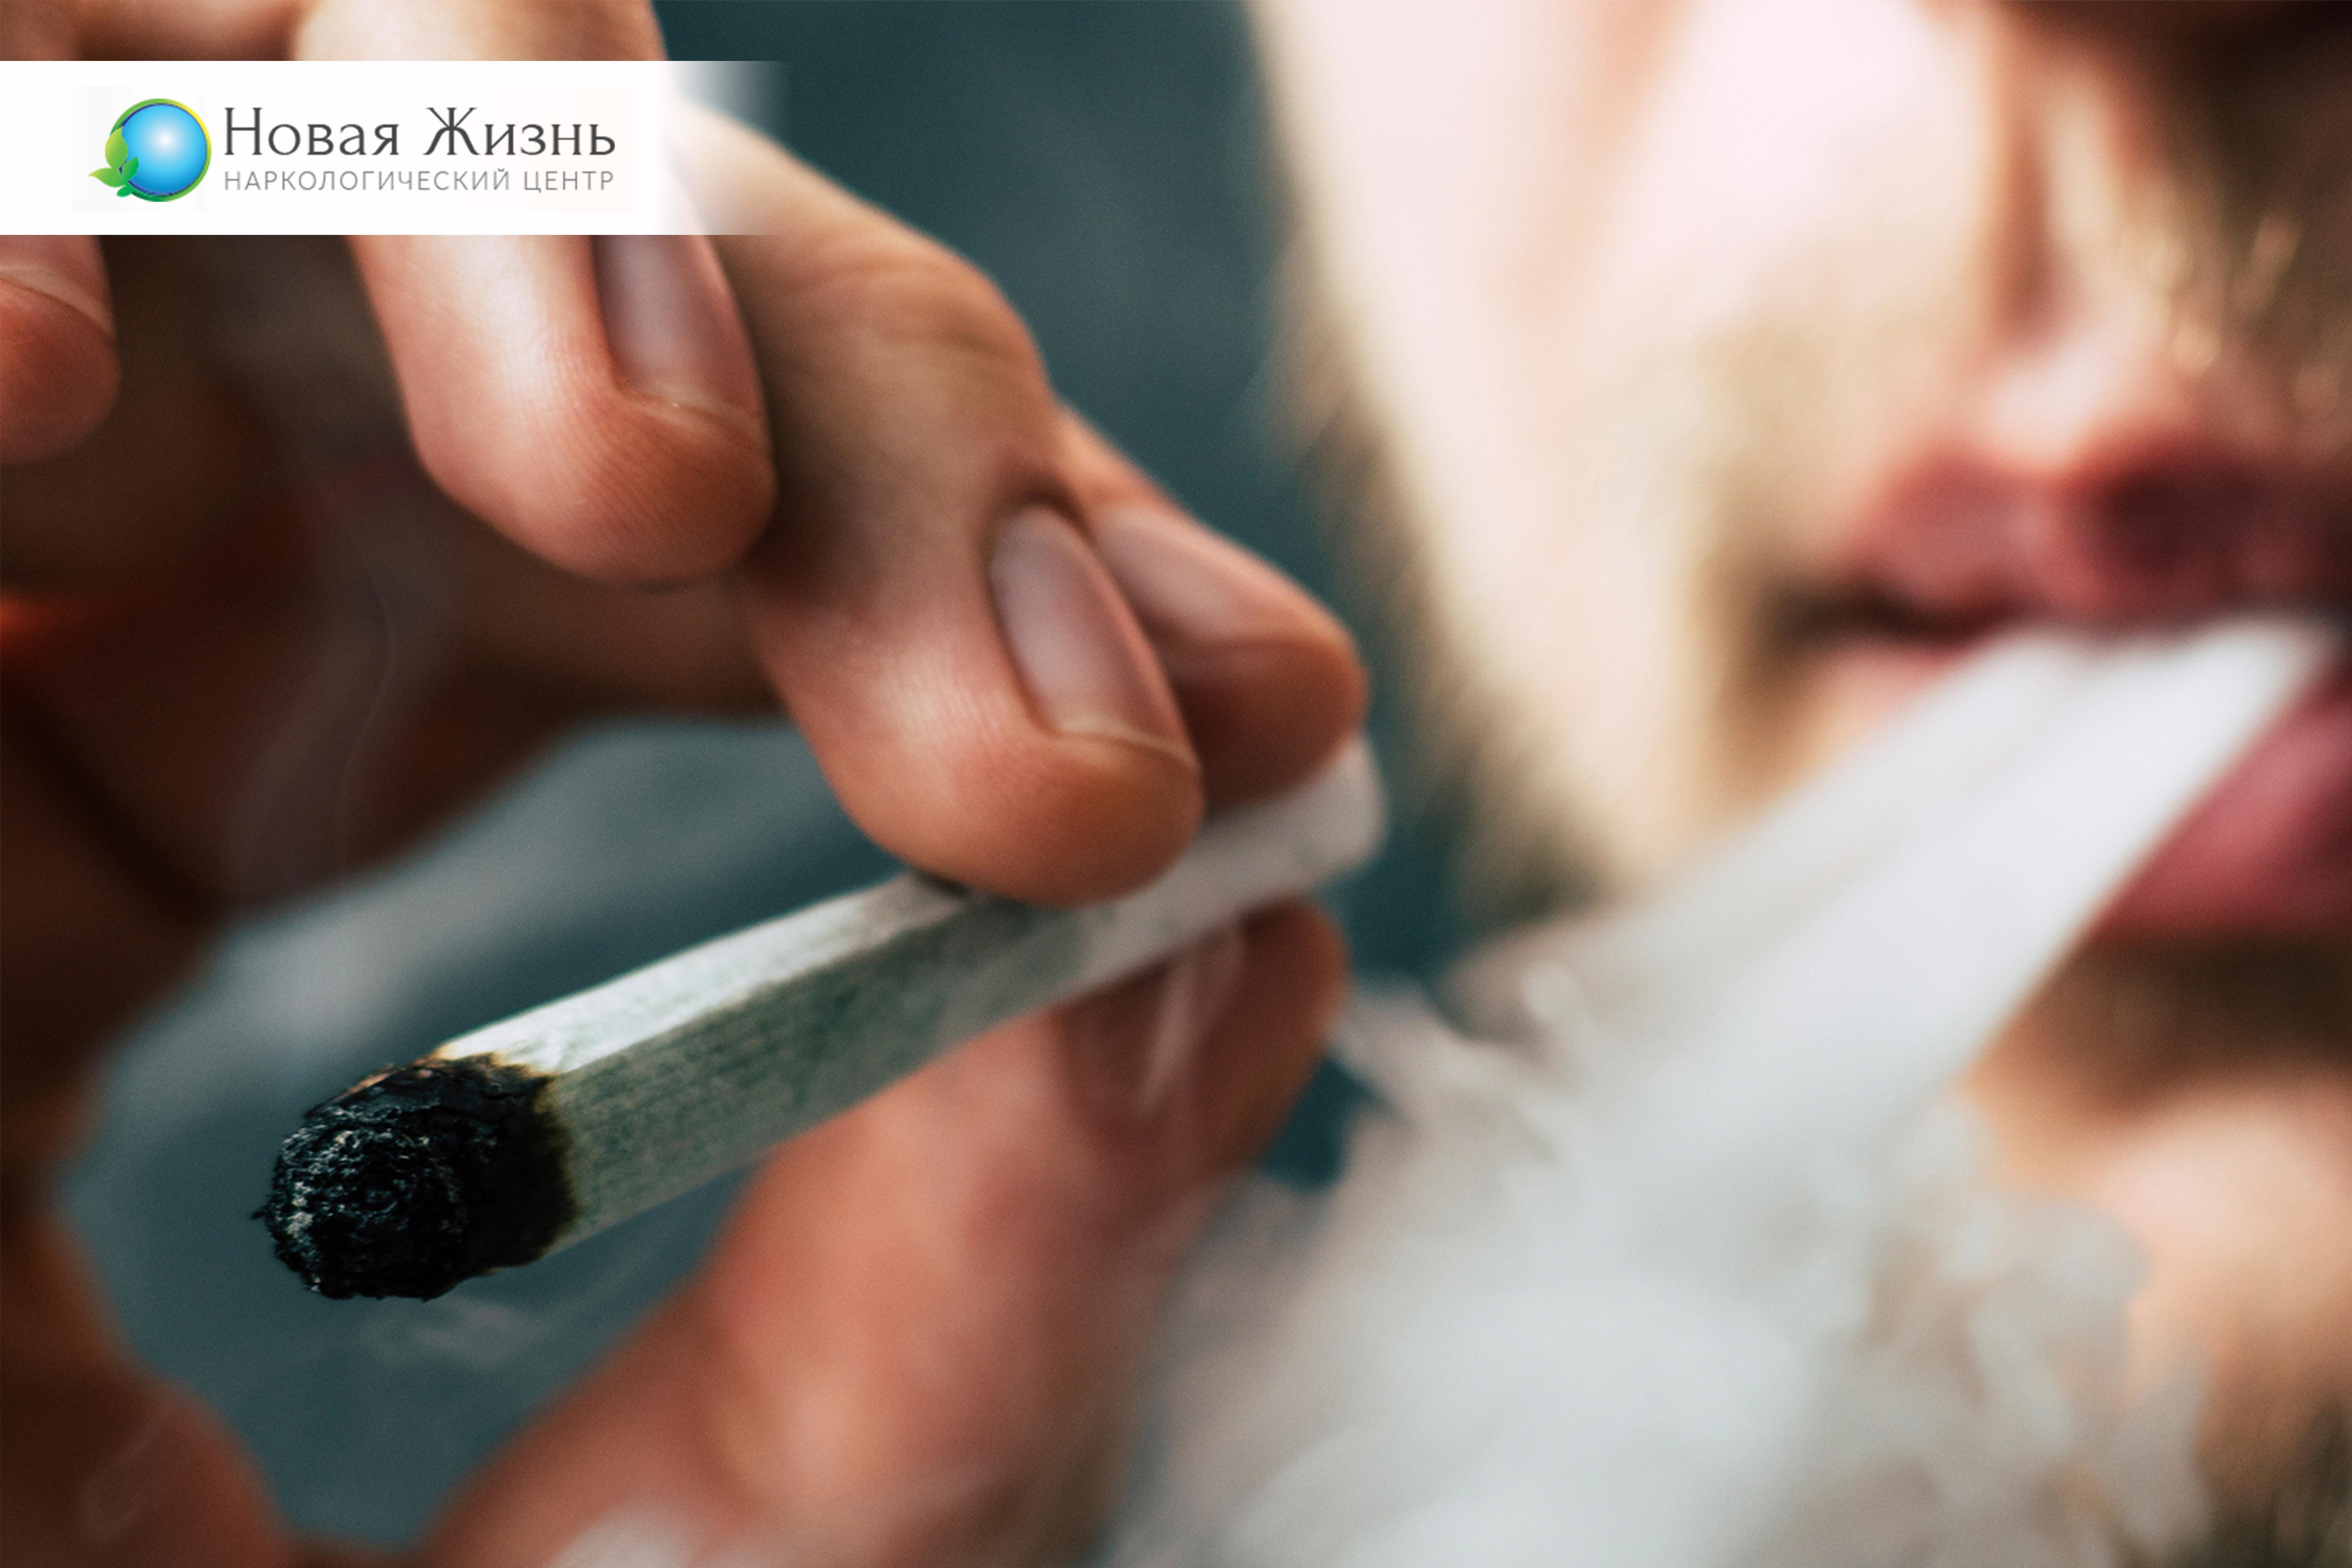 Лікування від куріння травички (марихуани)